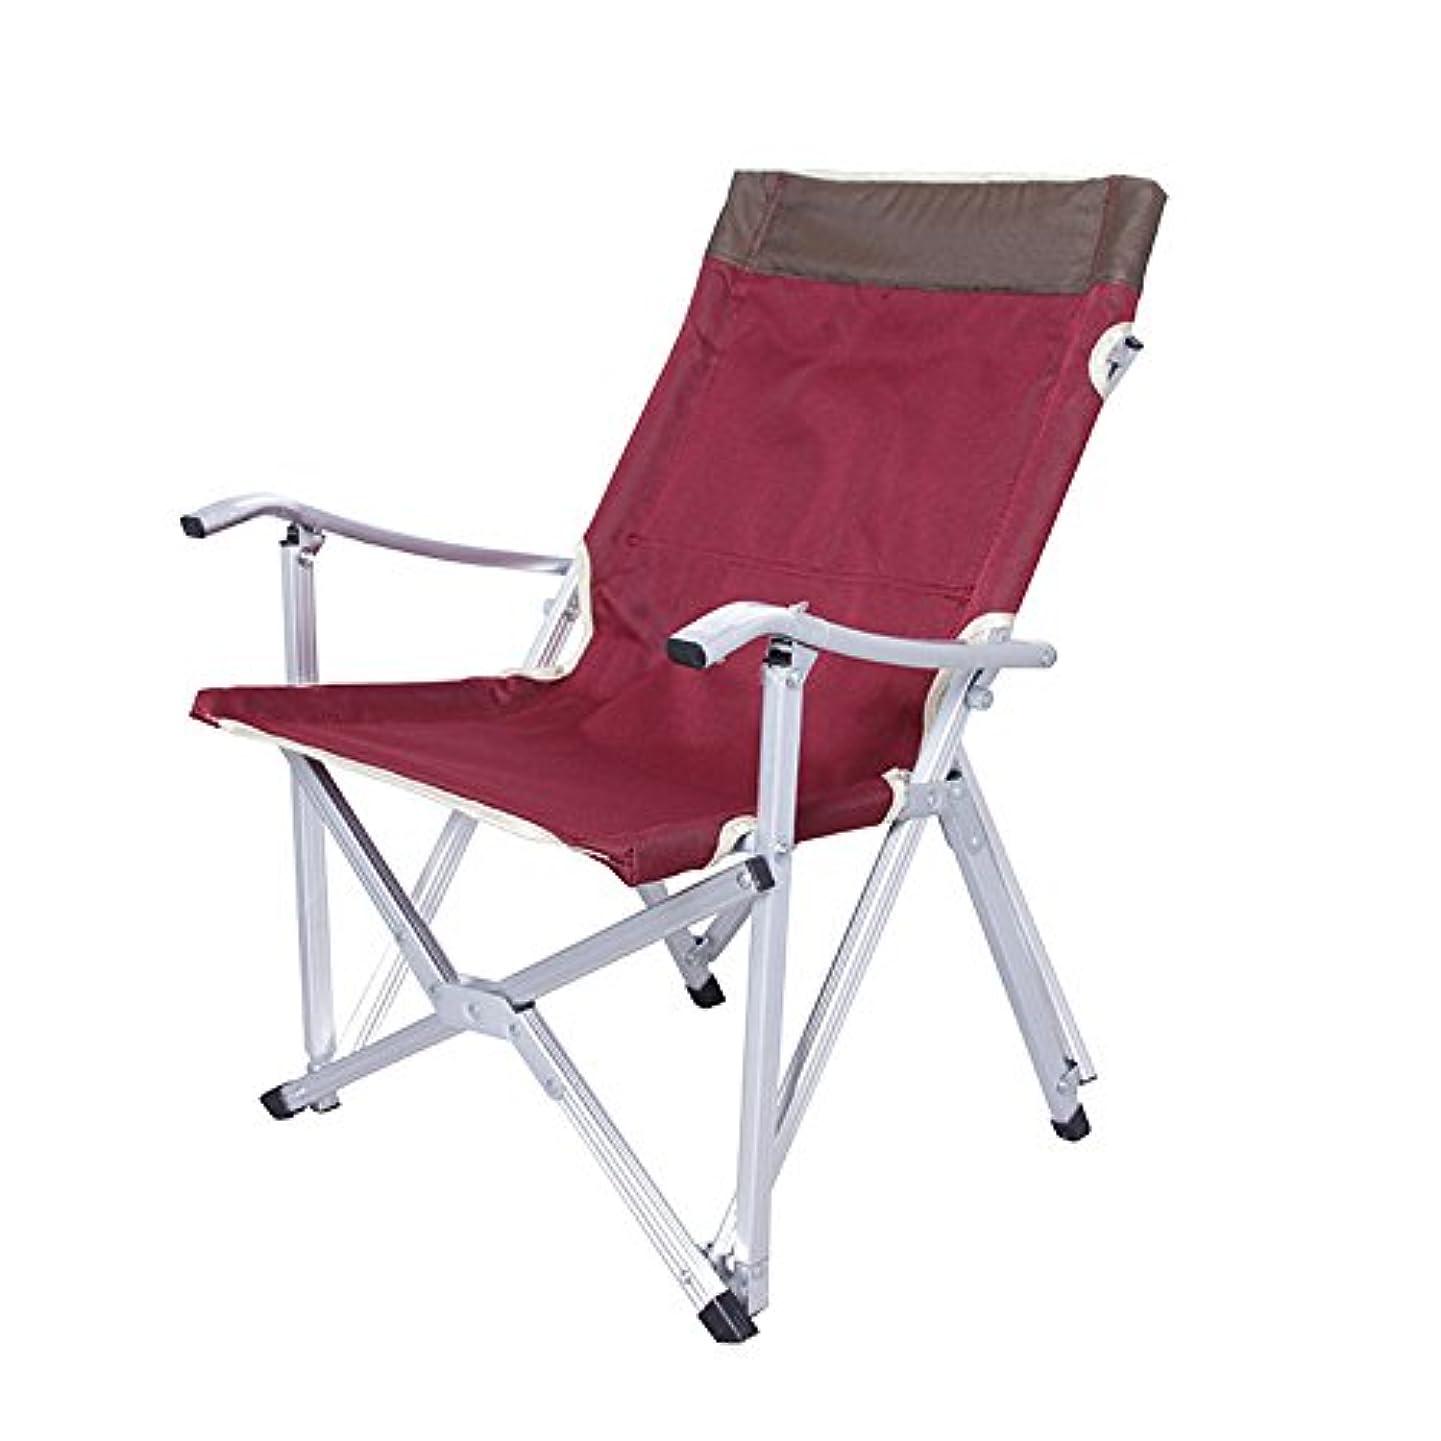 通常シャンパン撤回するオックスフォード布折りたたみビーチチェアチェア小川超軽量アルミ合金釣り椅子泳ぐキャンプチェア車、折りたたみデザイン アウトドア キャンプ用